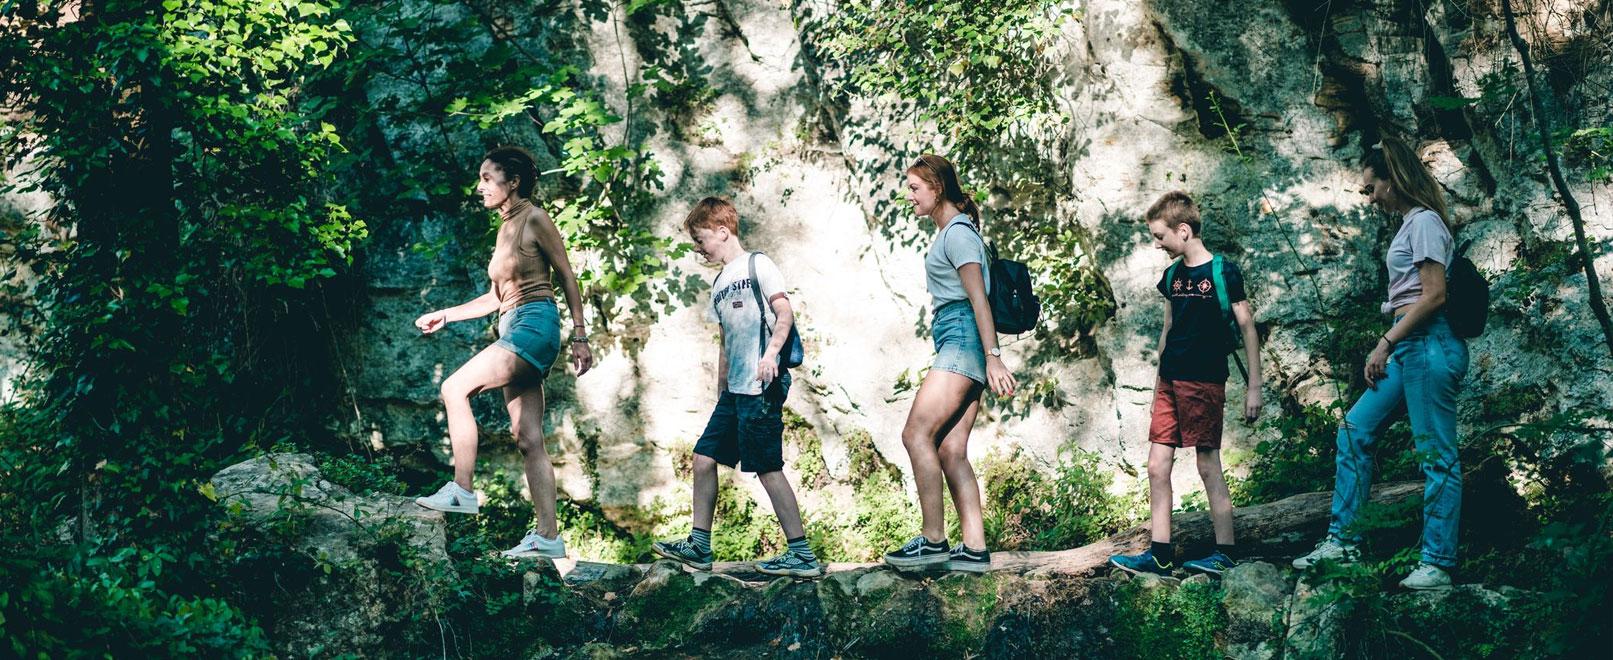 Randonnée pédestre en Vaucluse © O'Brien